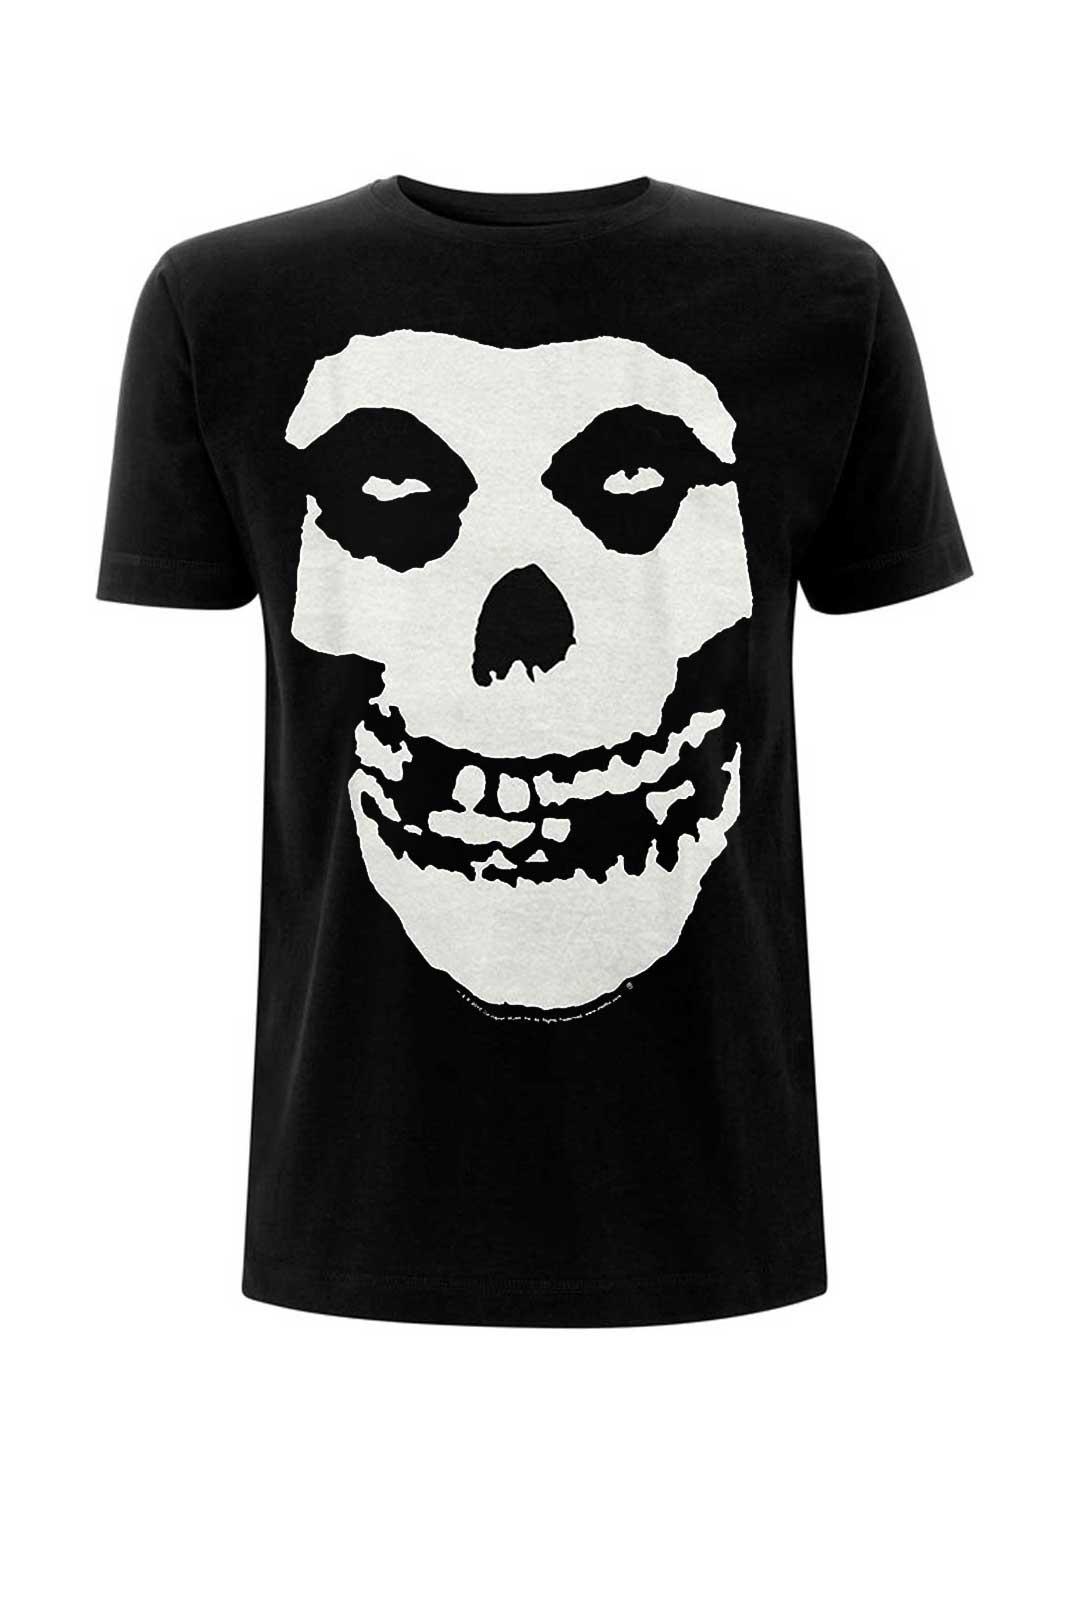 Boys Tee Misfits Skull